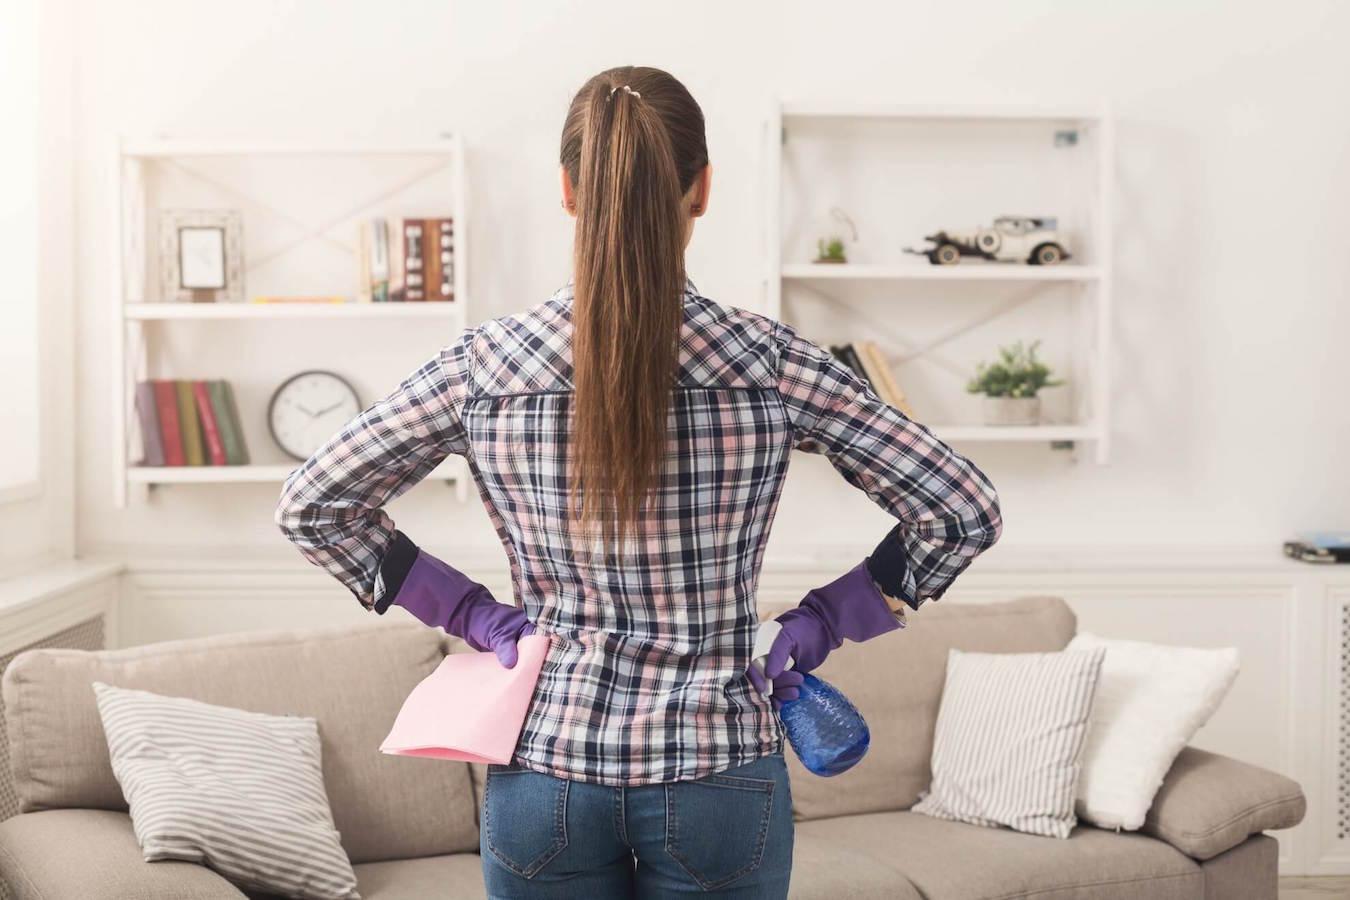 קניתם ספה? קחו טיפים שישמרו עליה נקייה כחדשה